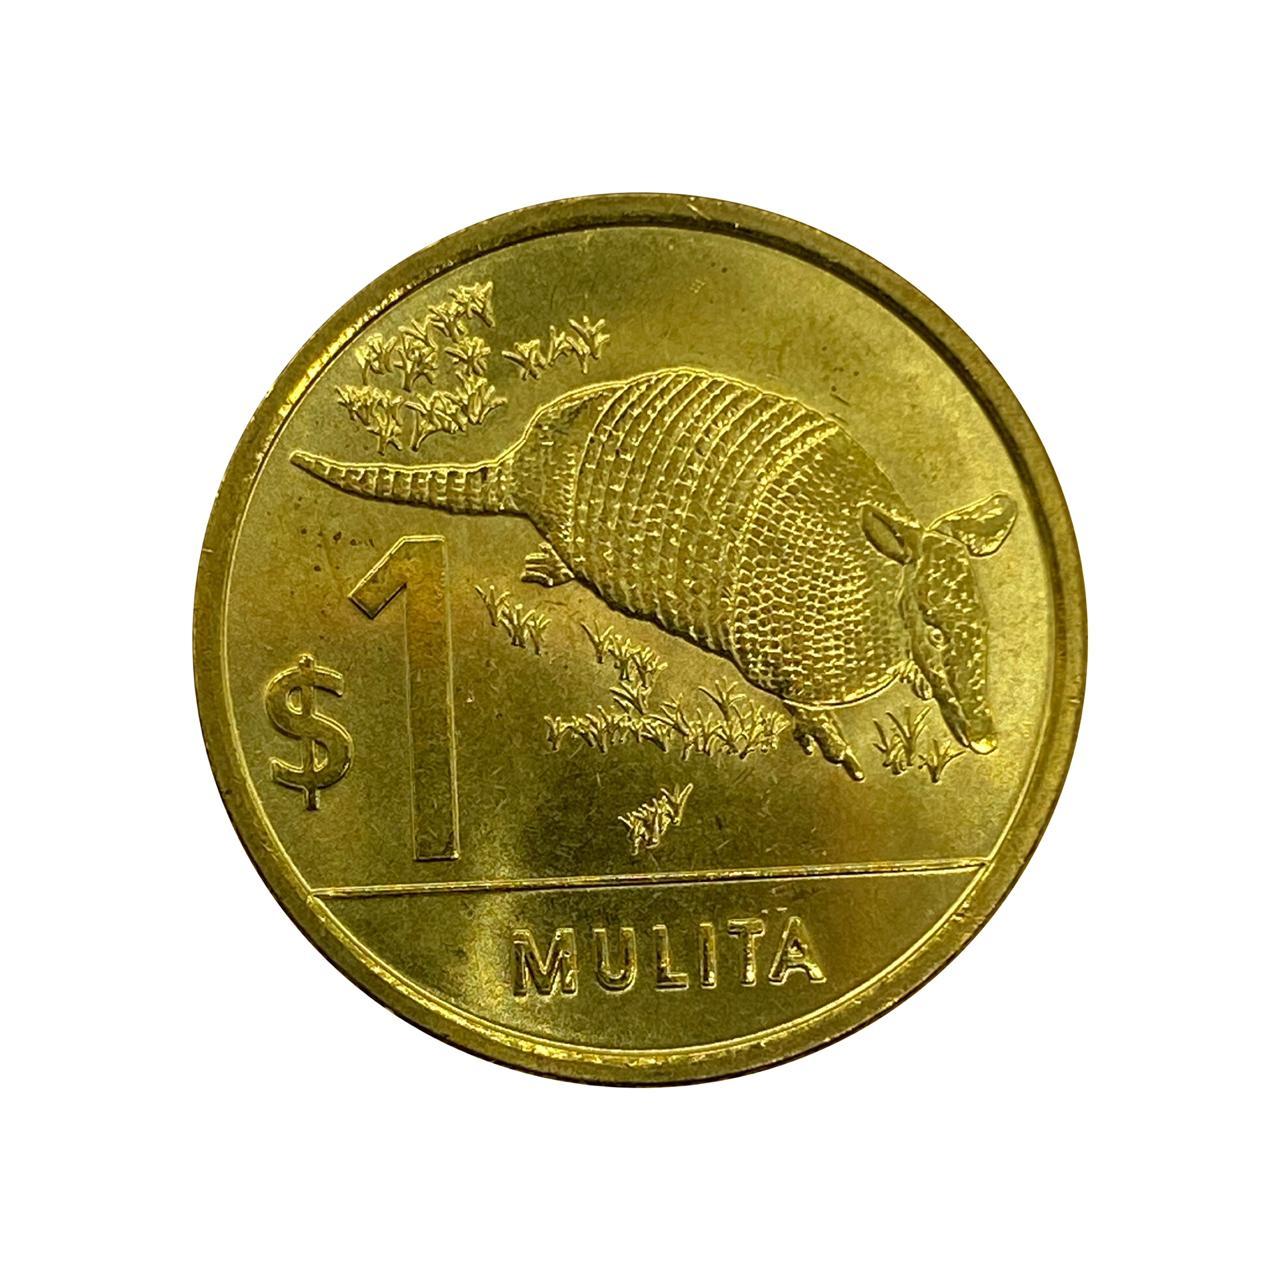 Moeda Uruguai Fauna 1 Peso 2012 FC